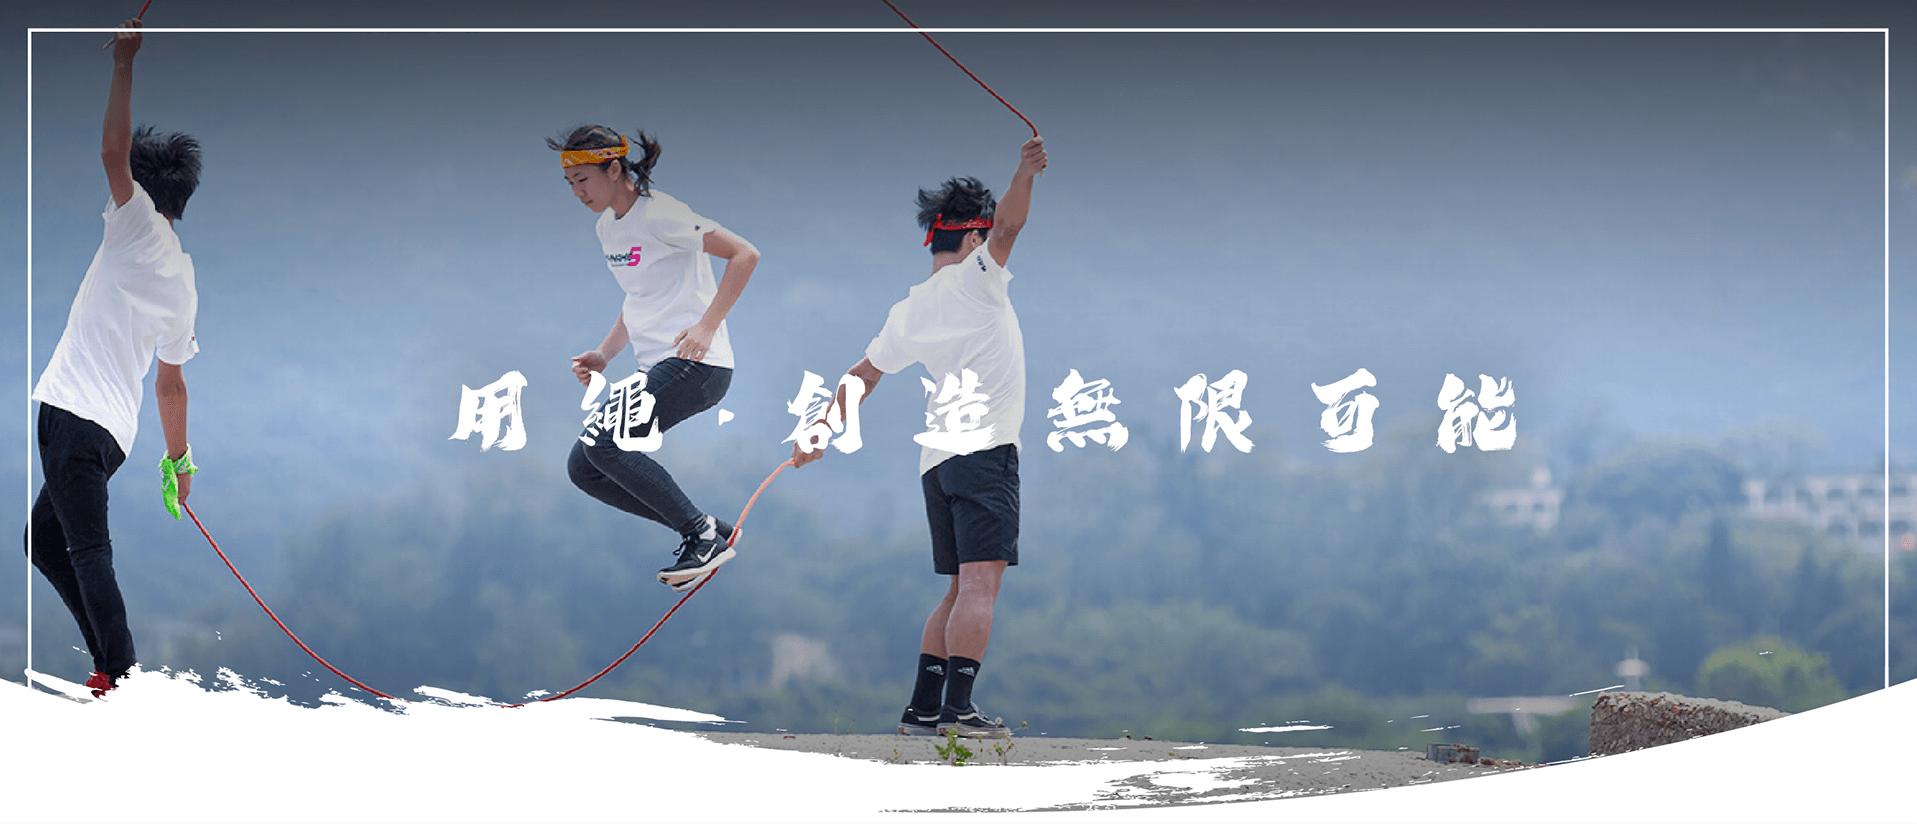 用繩創造無限可能 繩飛揚理念